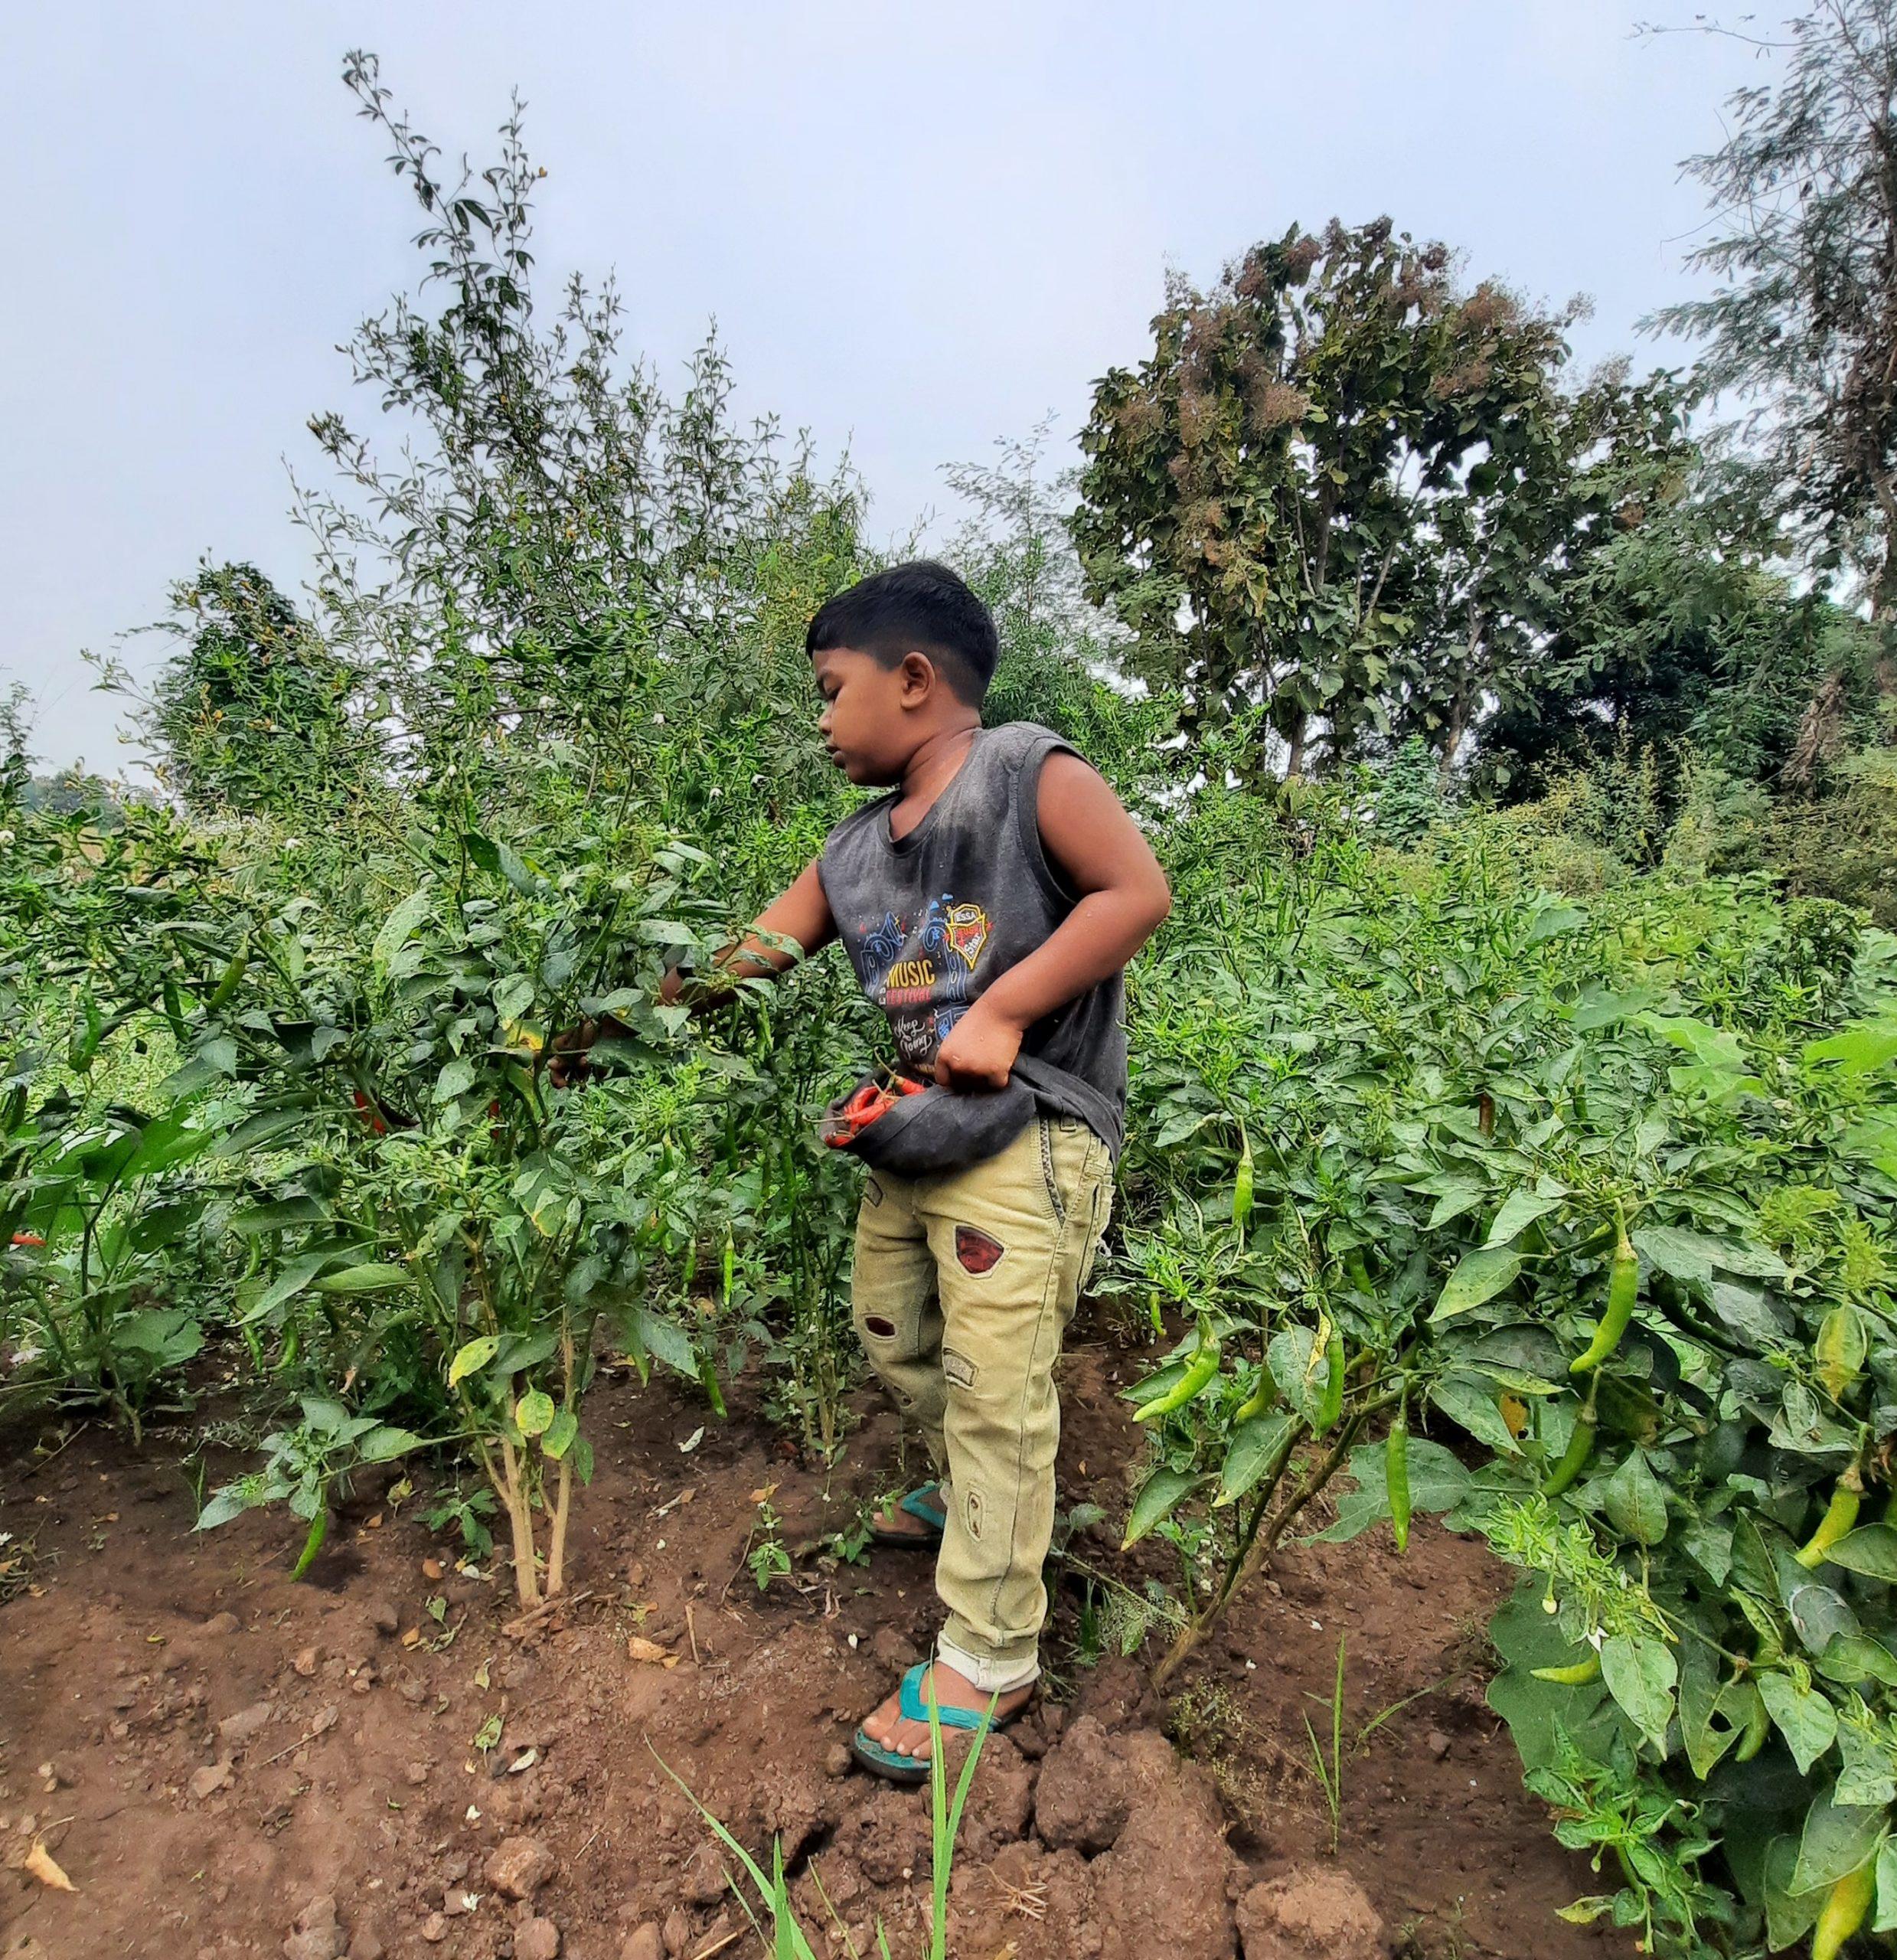 boy harvesting